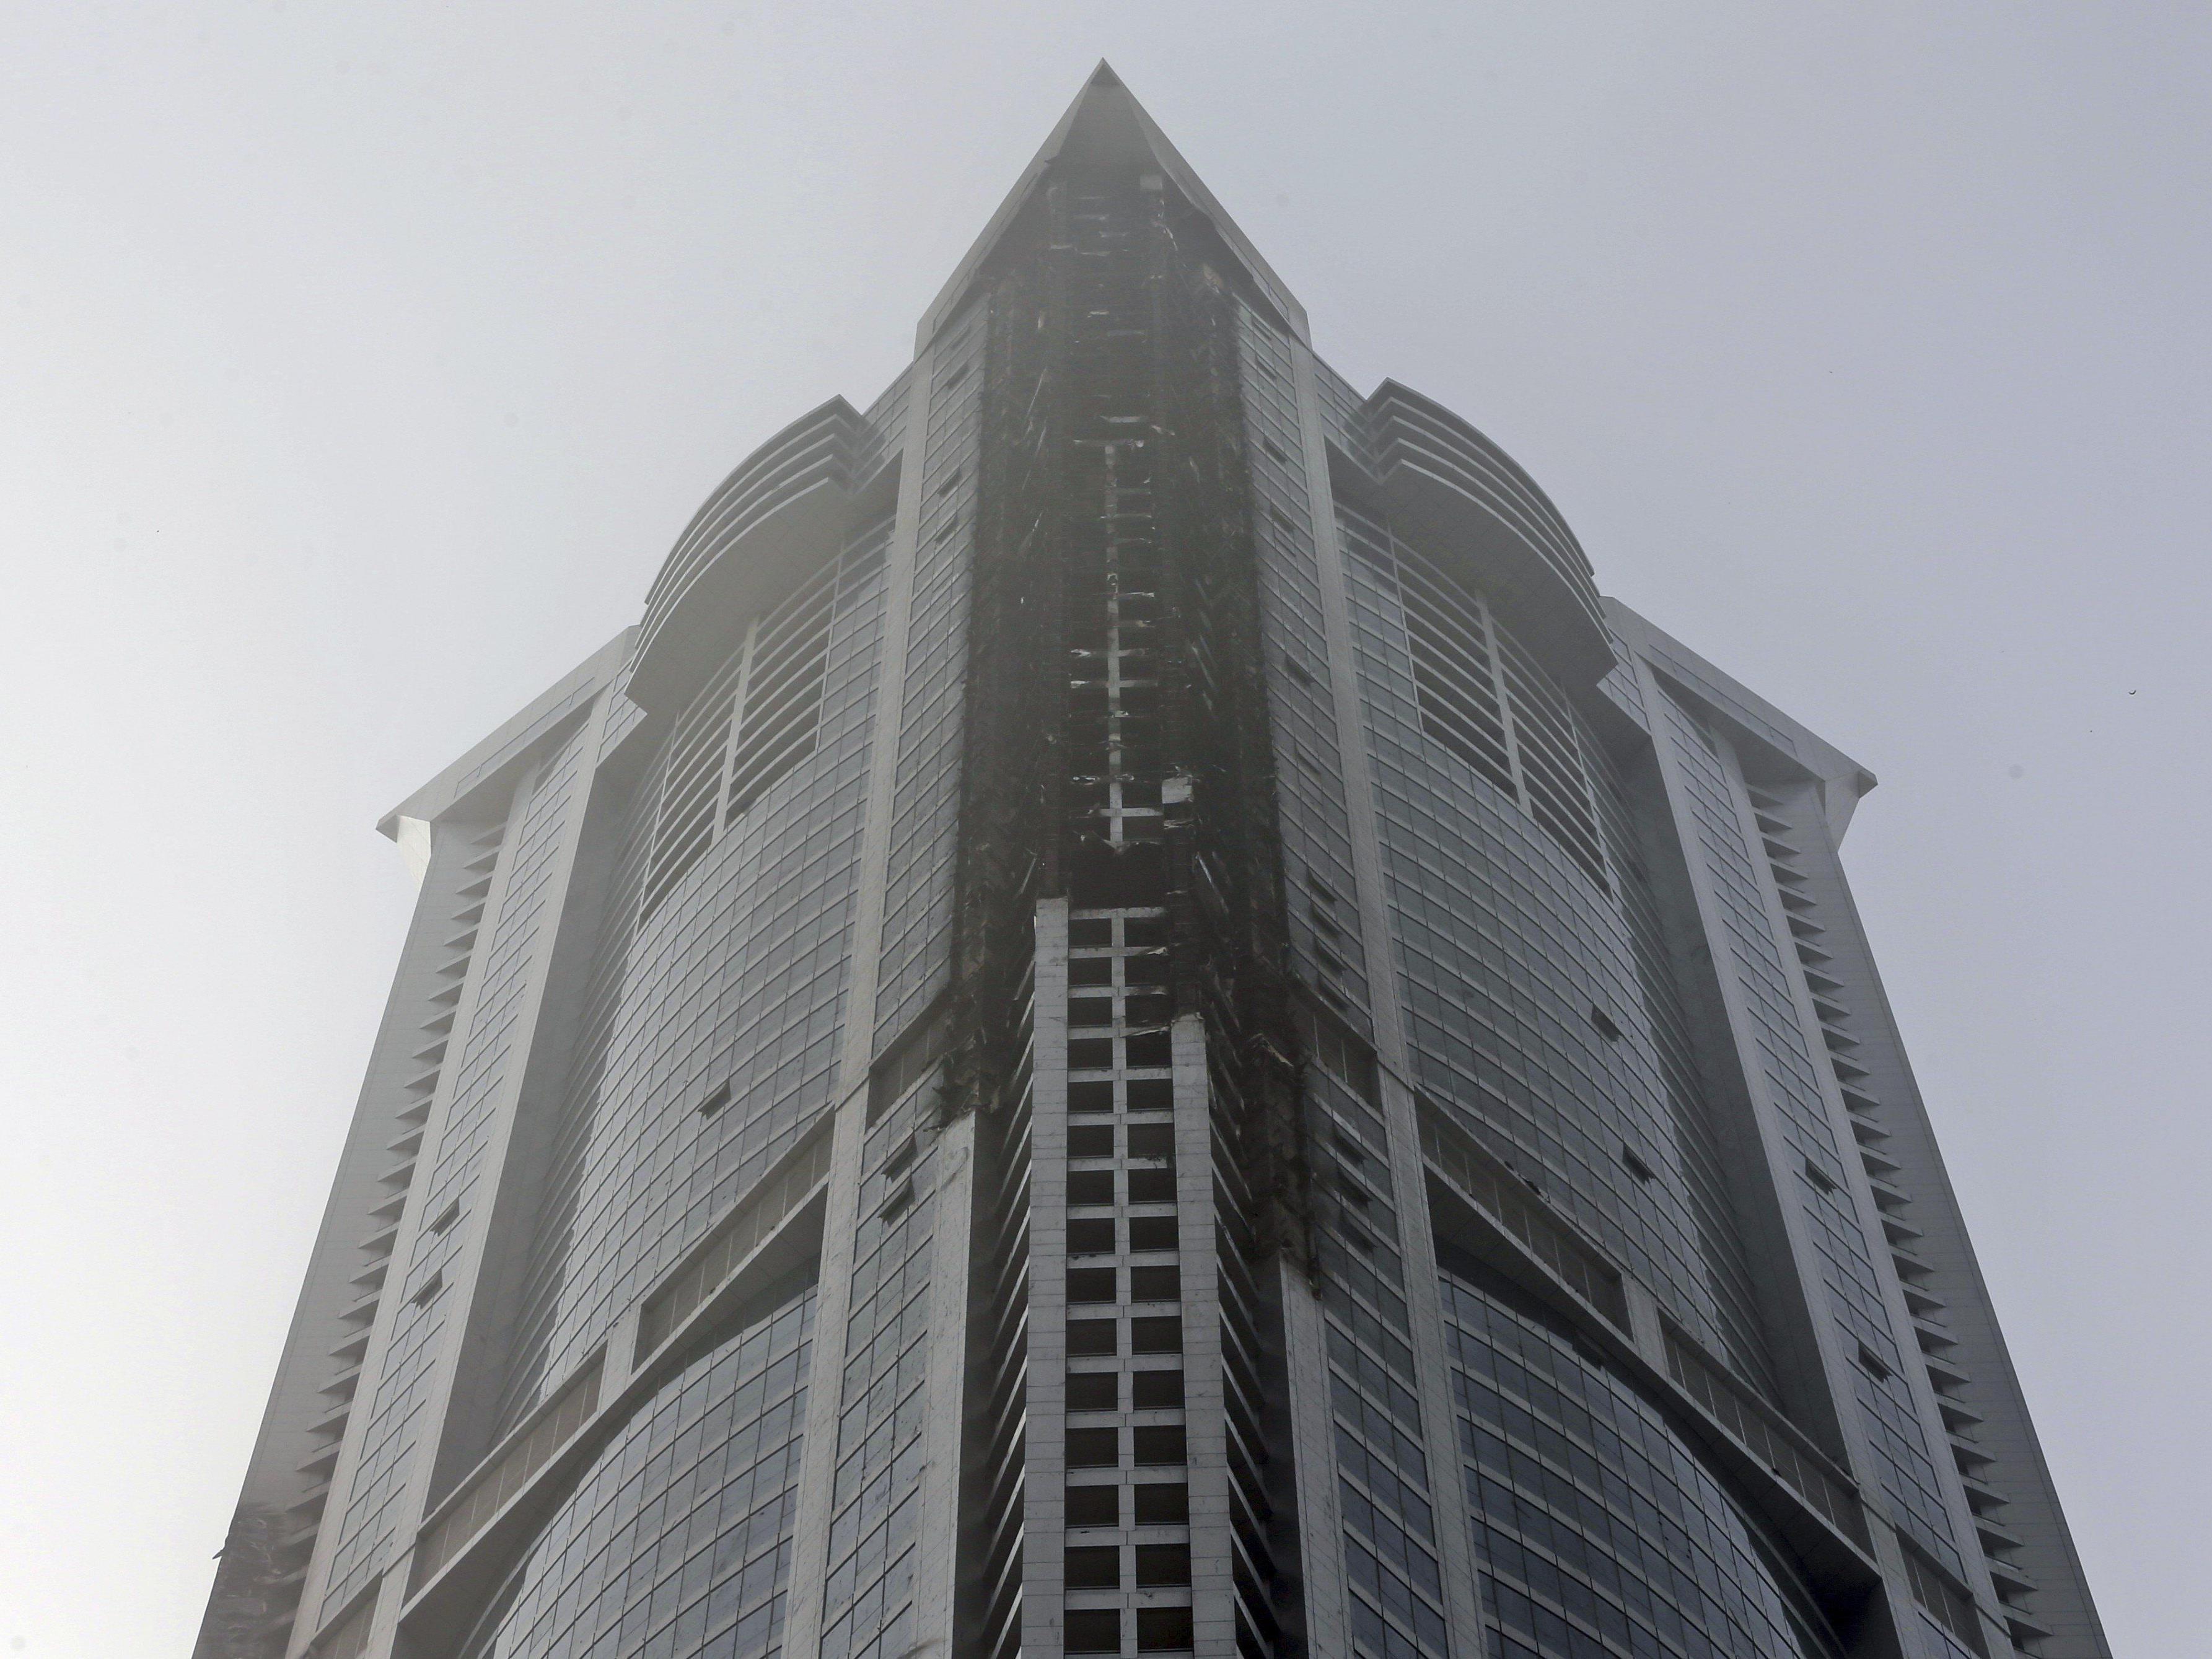 Dubai: In einem Wohnwolkenkratzer brach am Freitag ein Feuer aus.